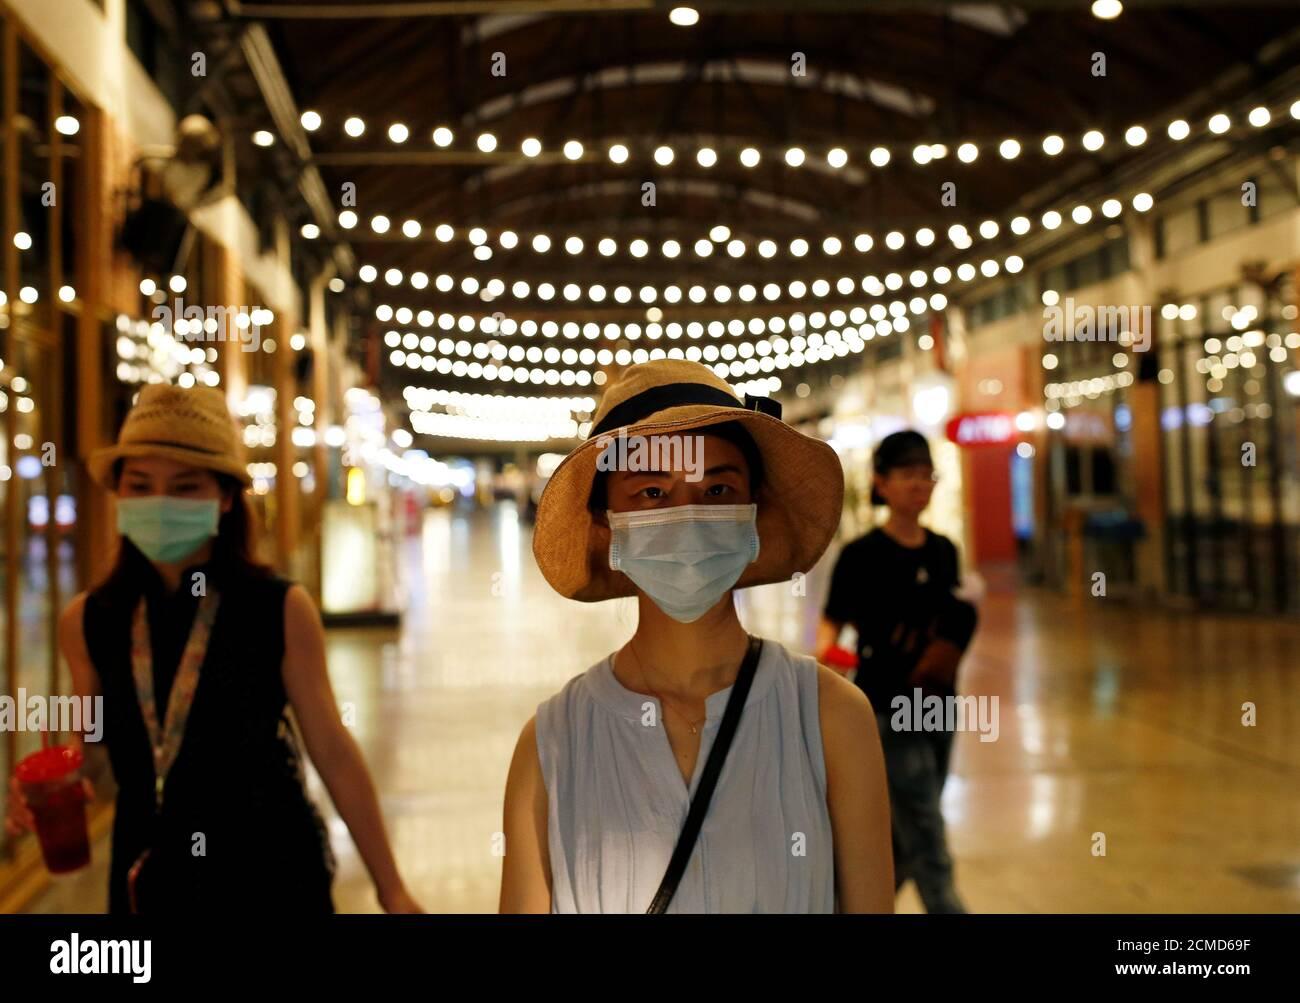 I turisti sono visti in un mercato notturno Asiatique quasi vuoto a Bangkok, Thailandia 2 marzo 2020. REUTERS/Soe Zeya Tun Foto Stock